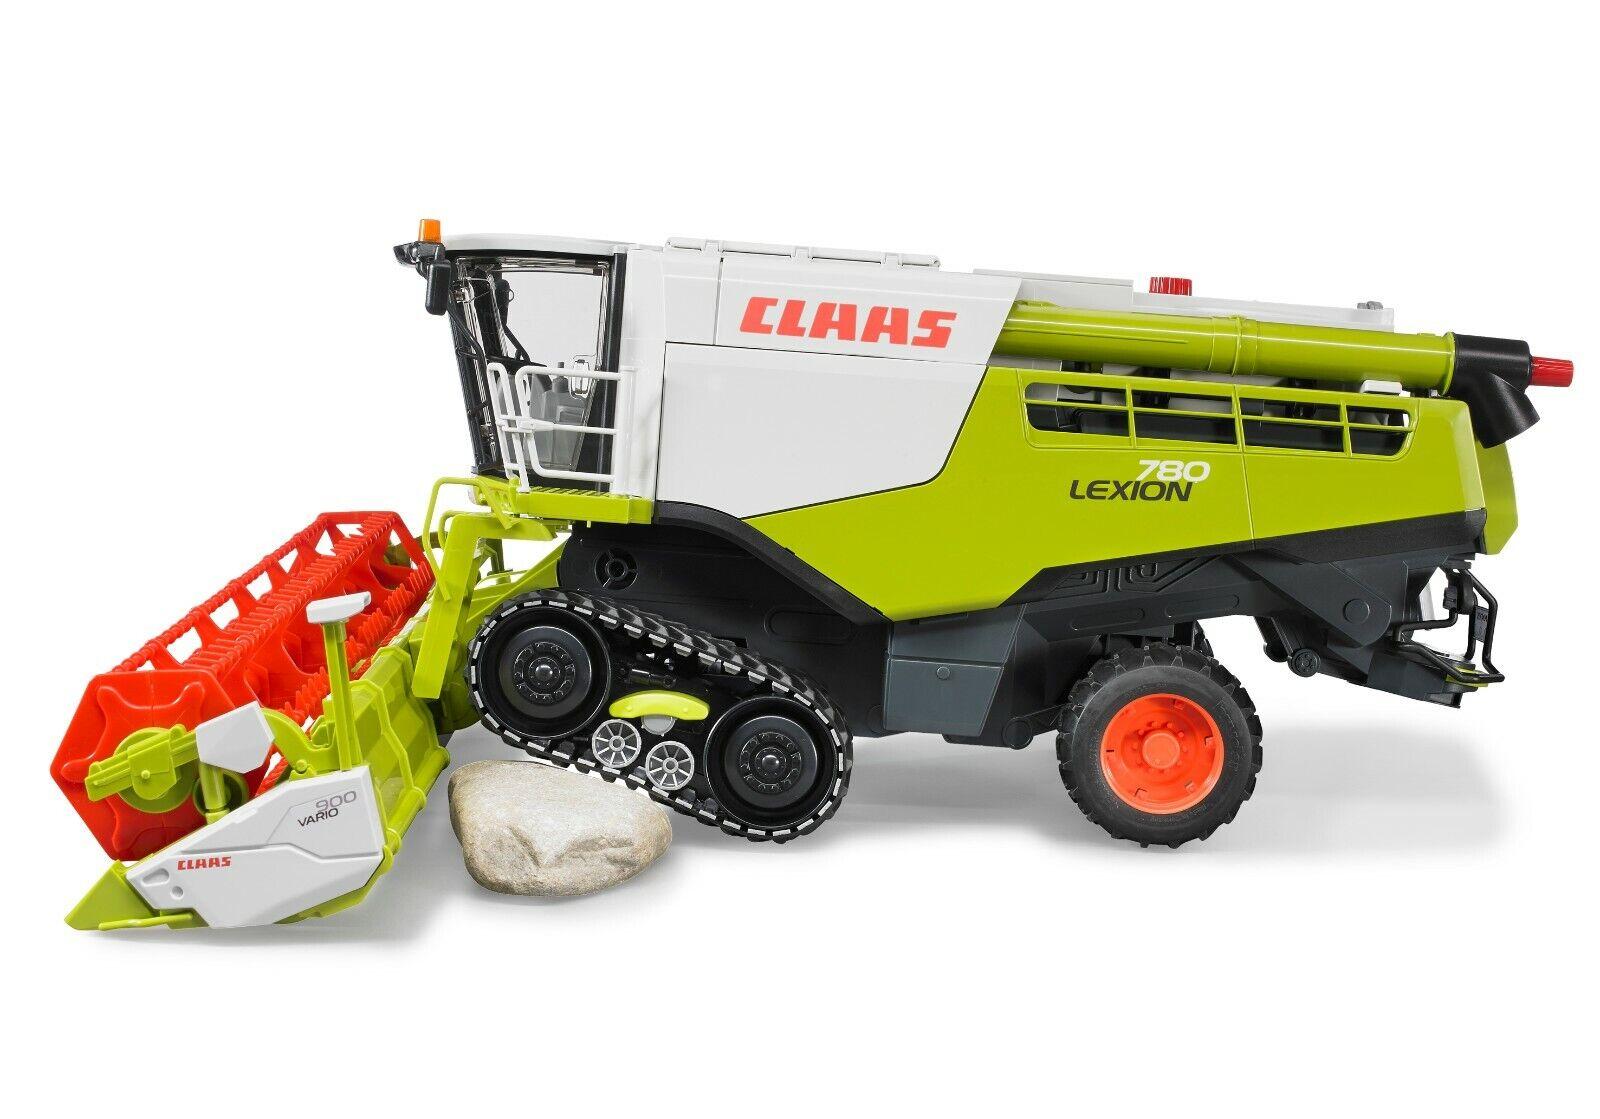 Bruder 02119 Claas Lexion 780 Terra Trac Mähdrescher Spielzeug Traktor Ernte